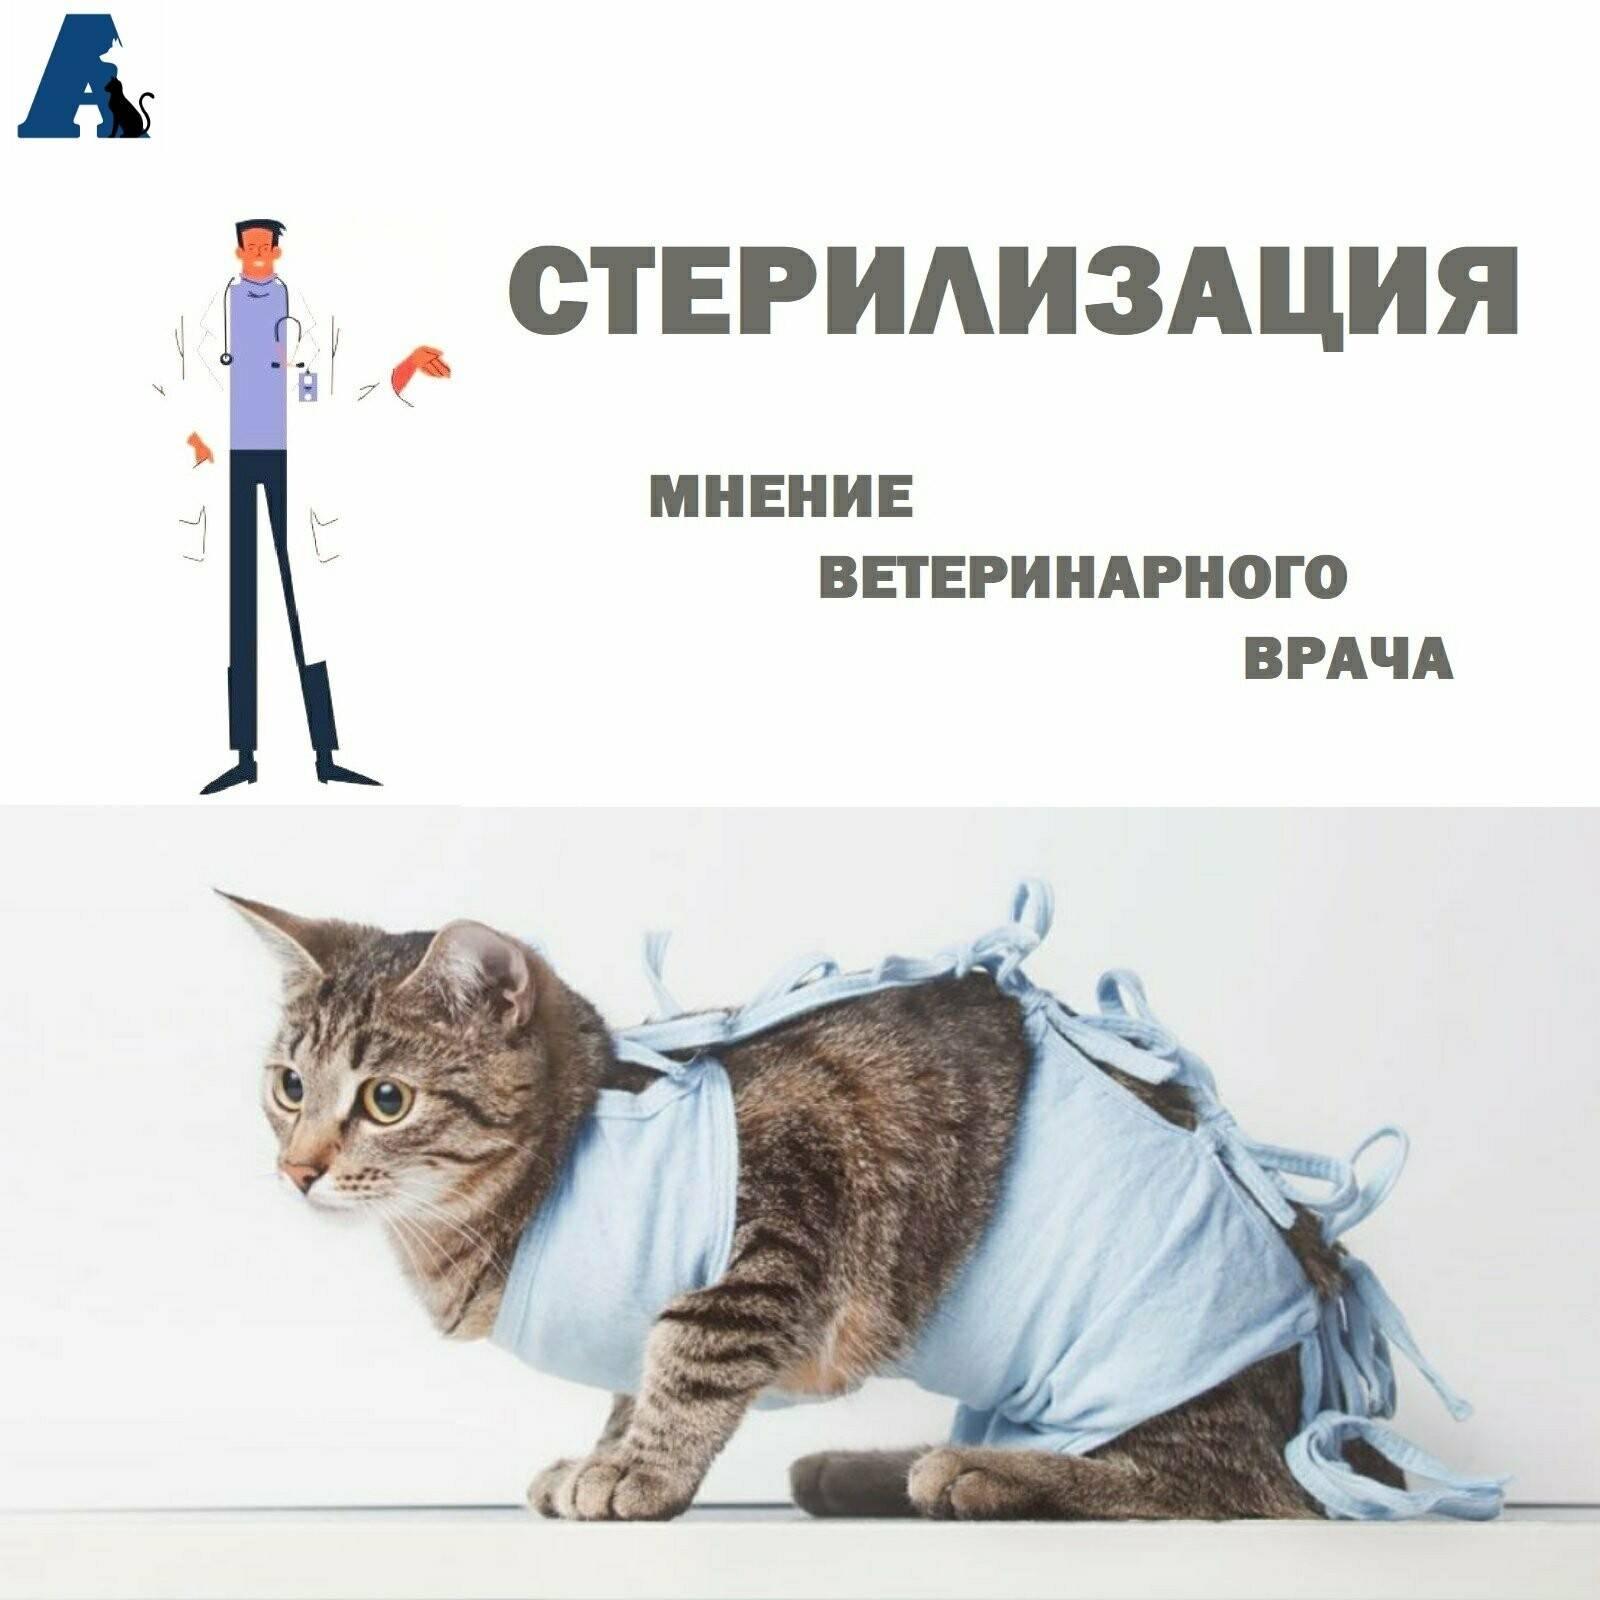 Виды и способы стерилизации кошек: какой лучше, особенности проведения и уход